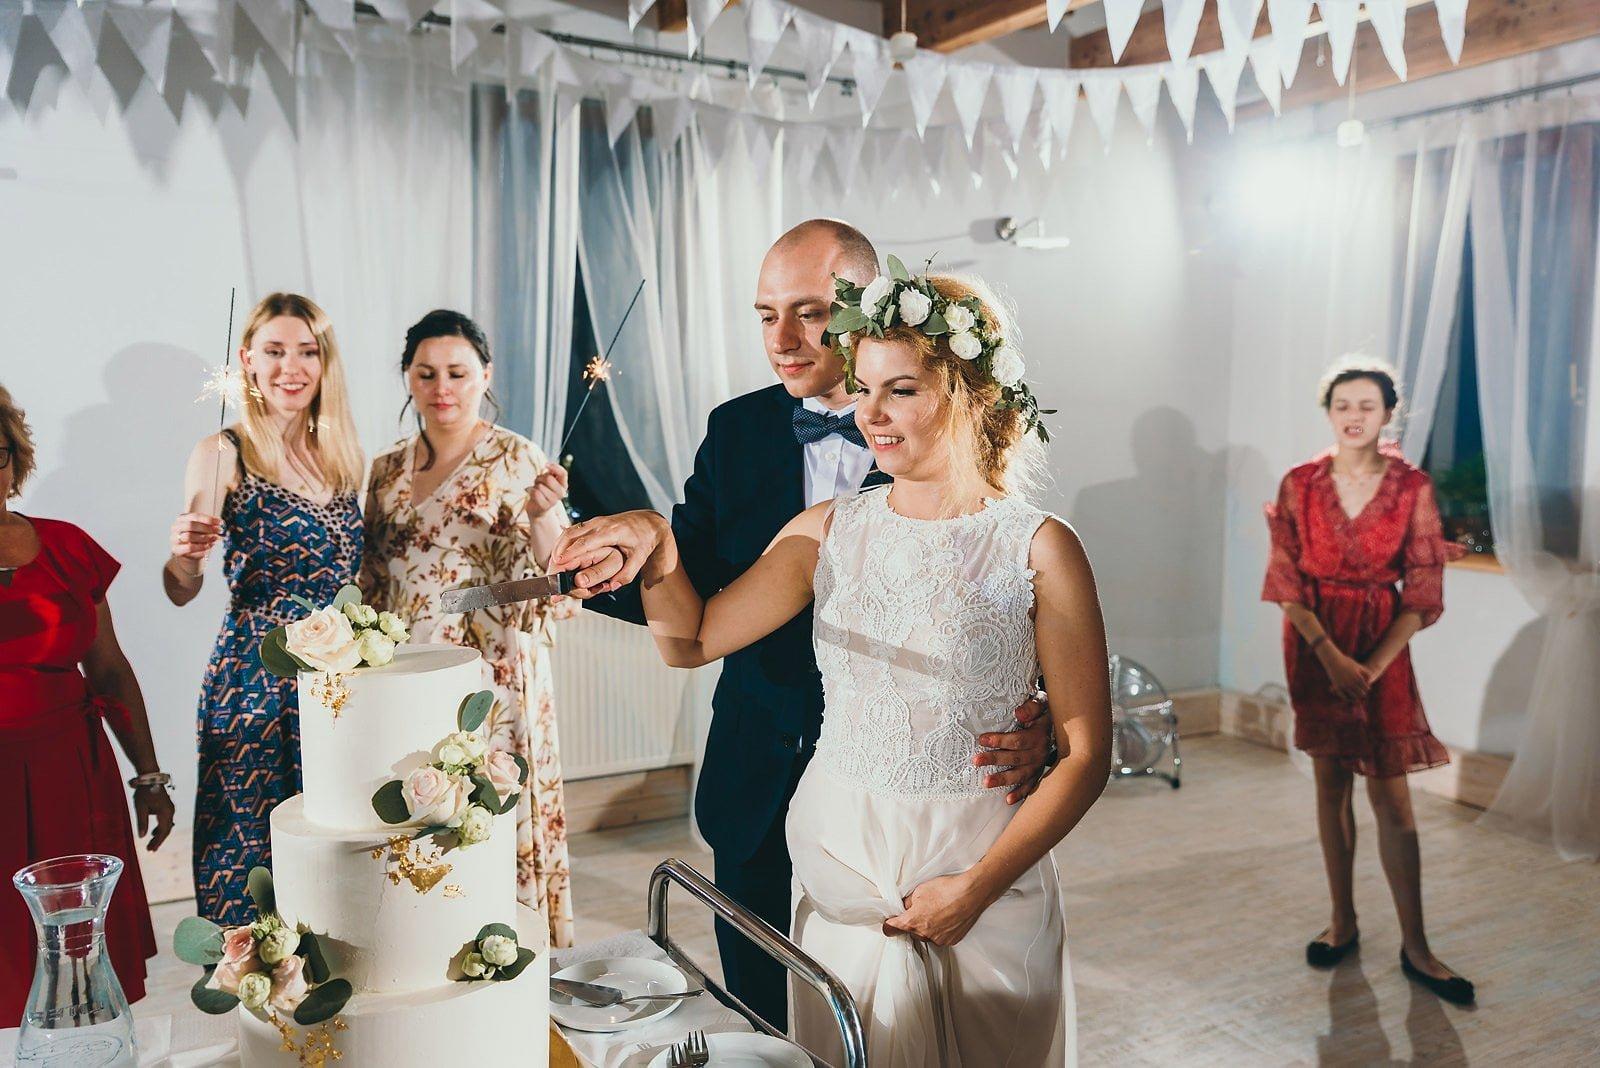 Justyna i Szymon - plenerowy ślub w stylu boho 113